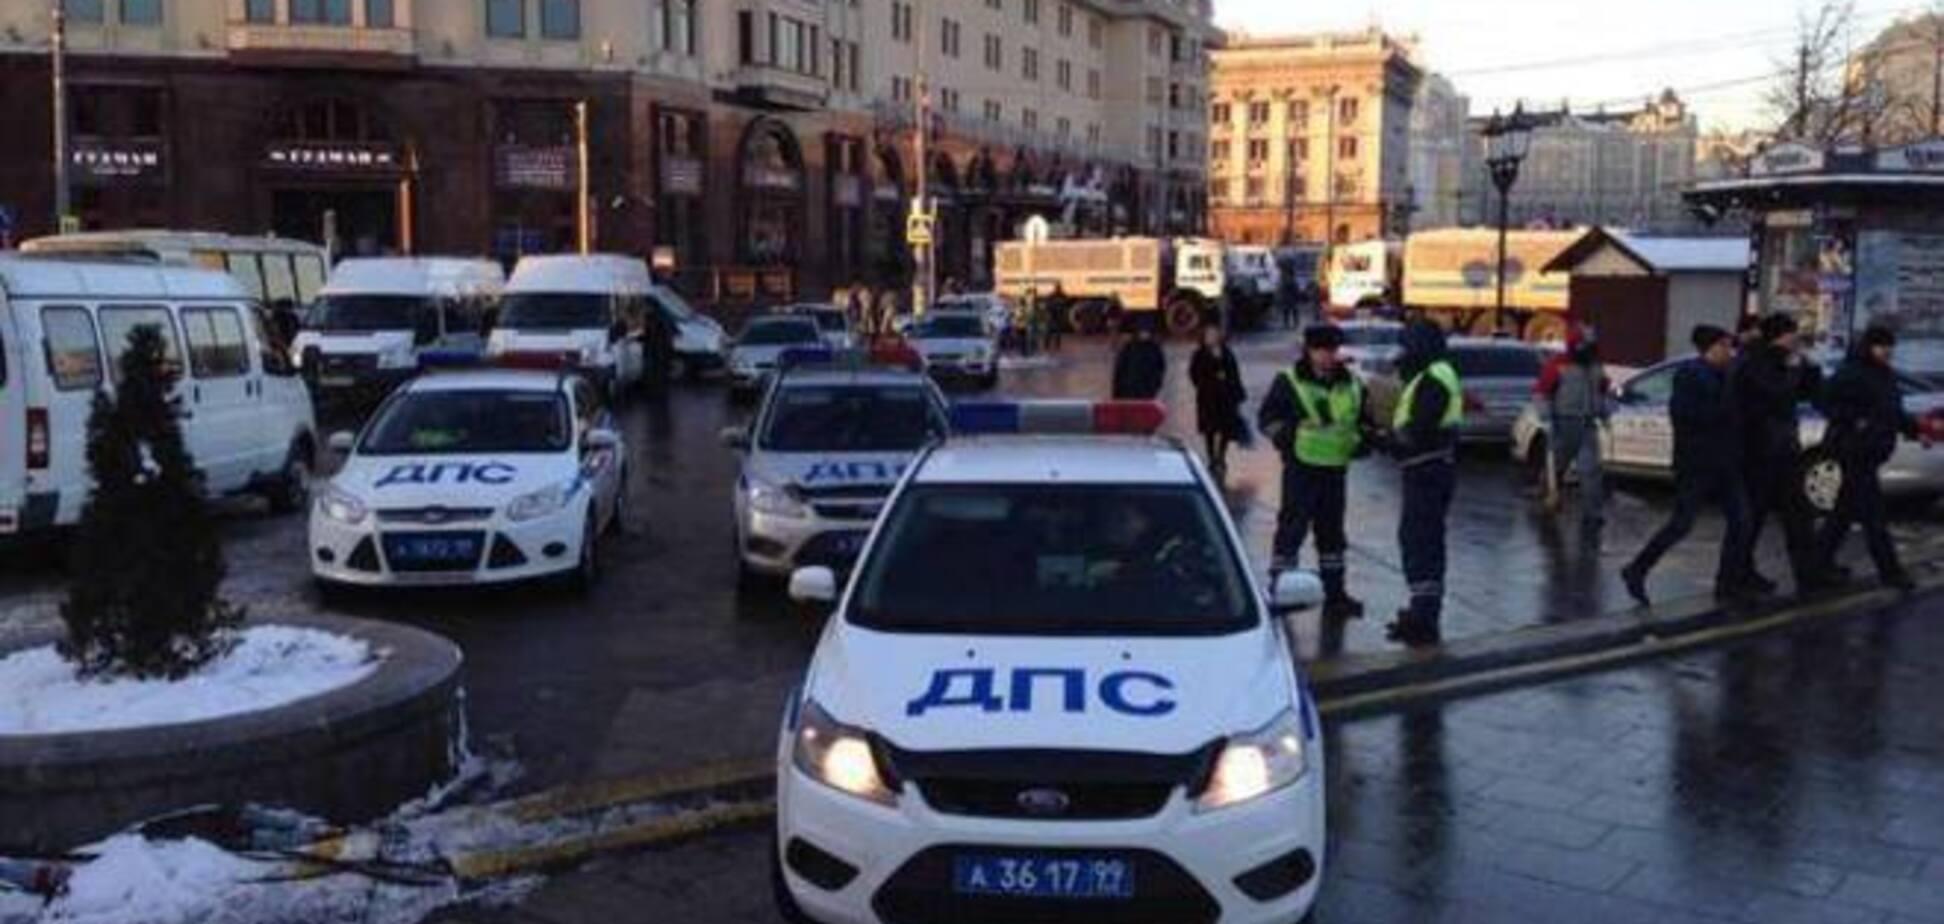 Кремль готується до масштабного мітингу: вхід на Манежну перекритий поліцією з усіх боків